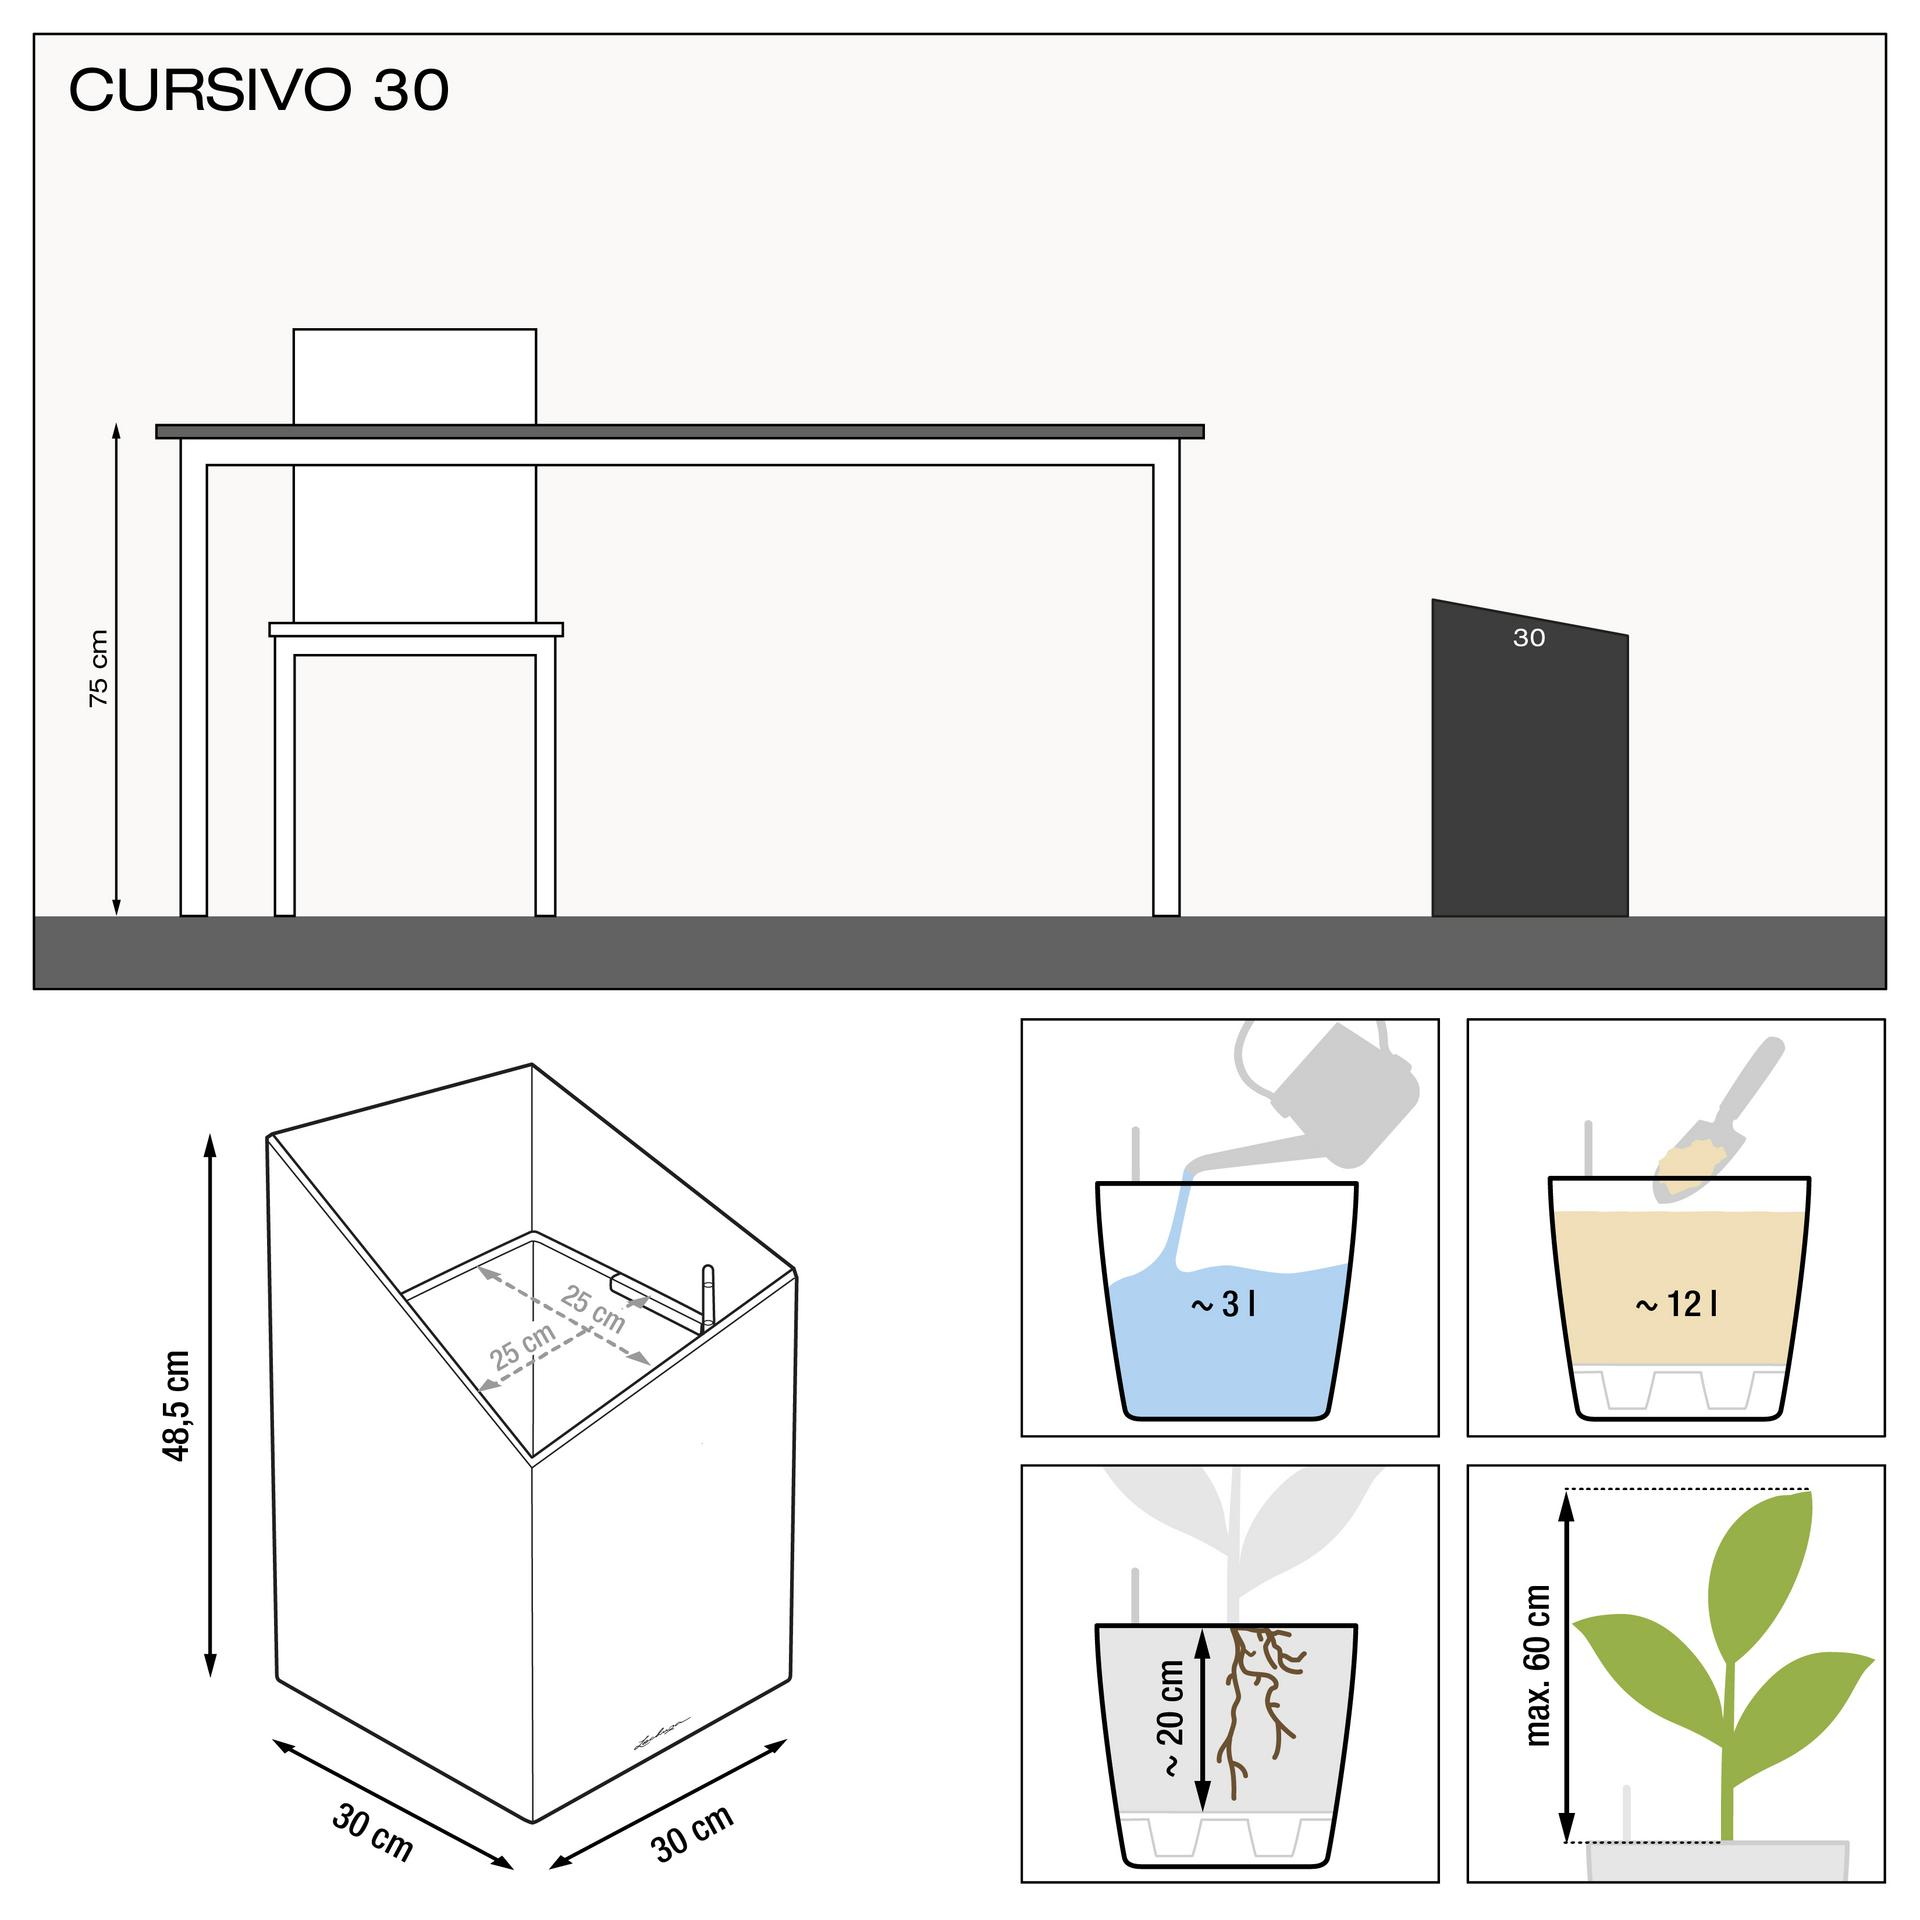 le_cursivo30_product_addi_nz